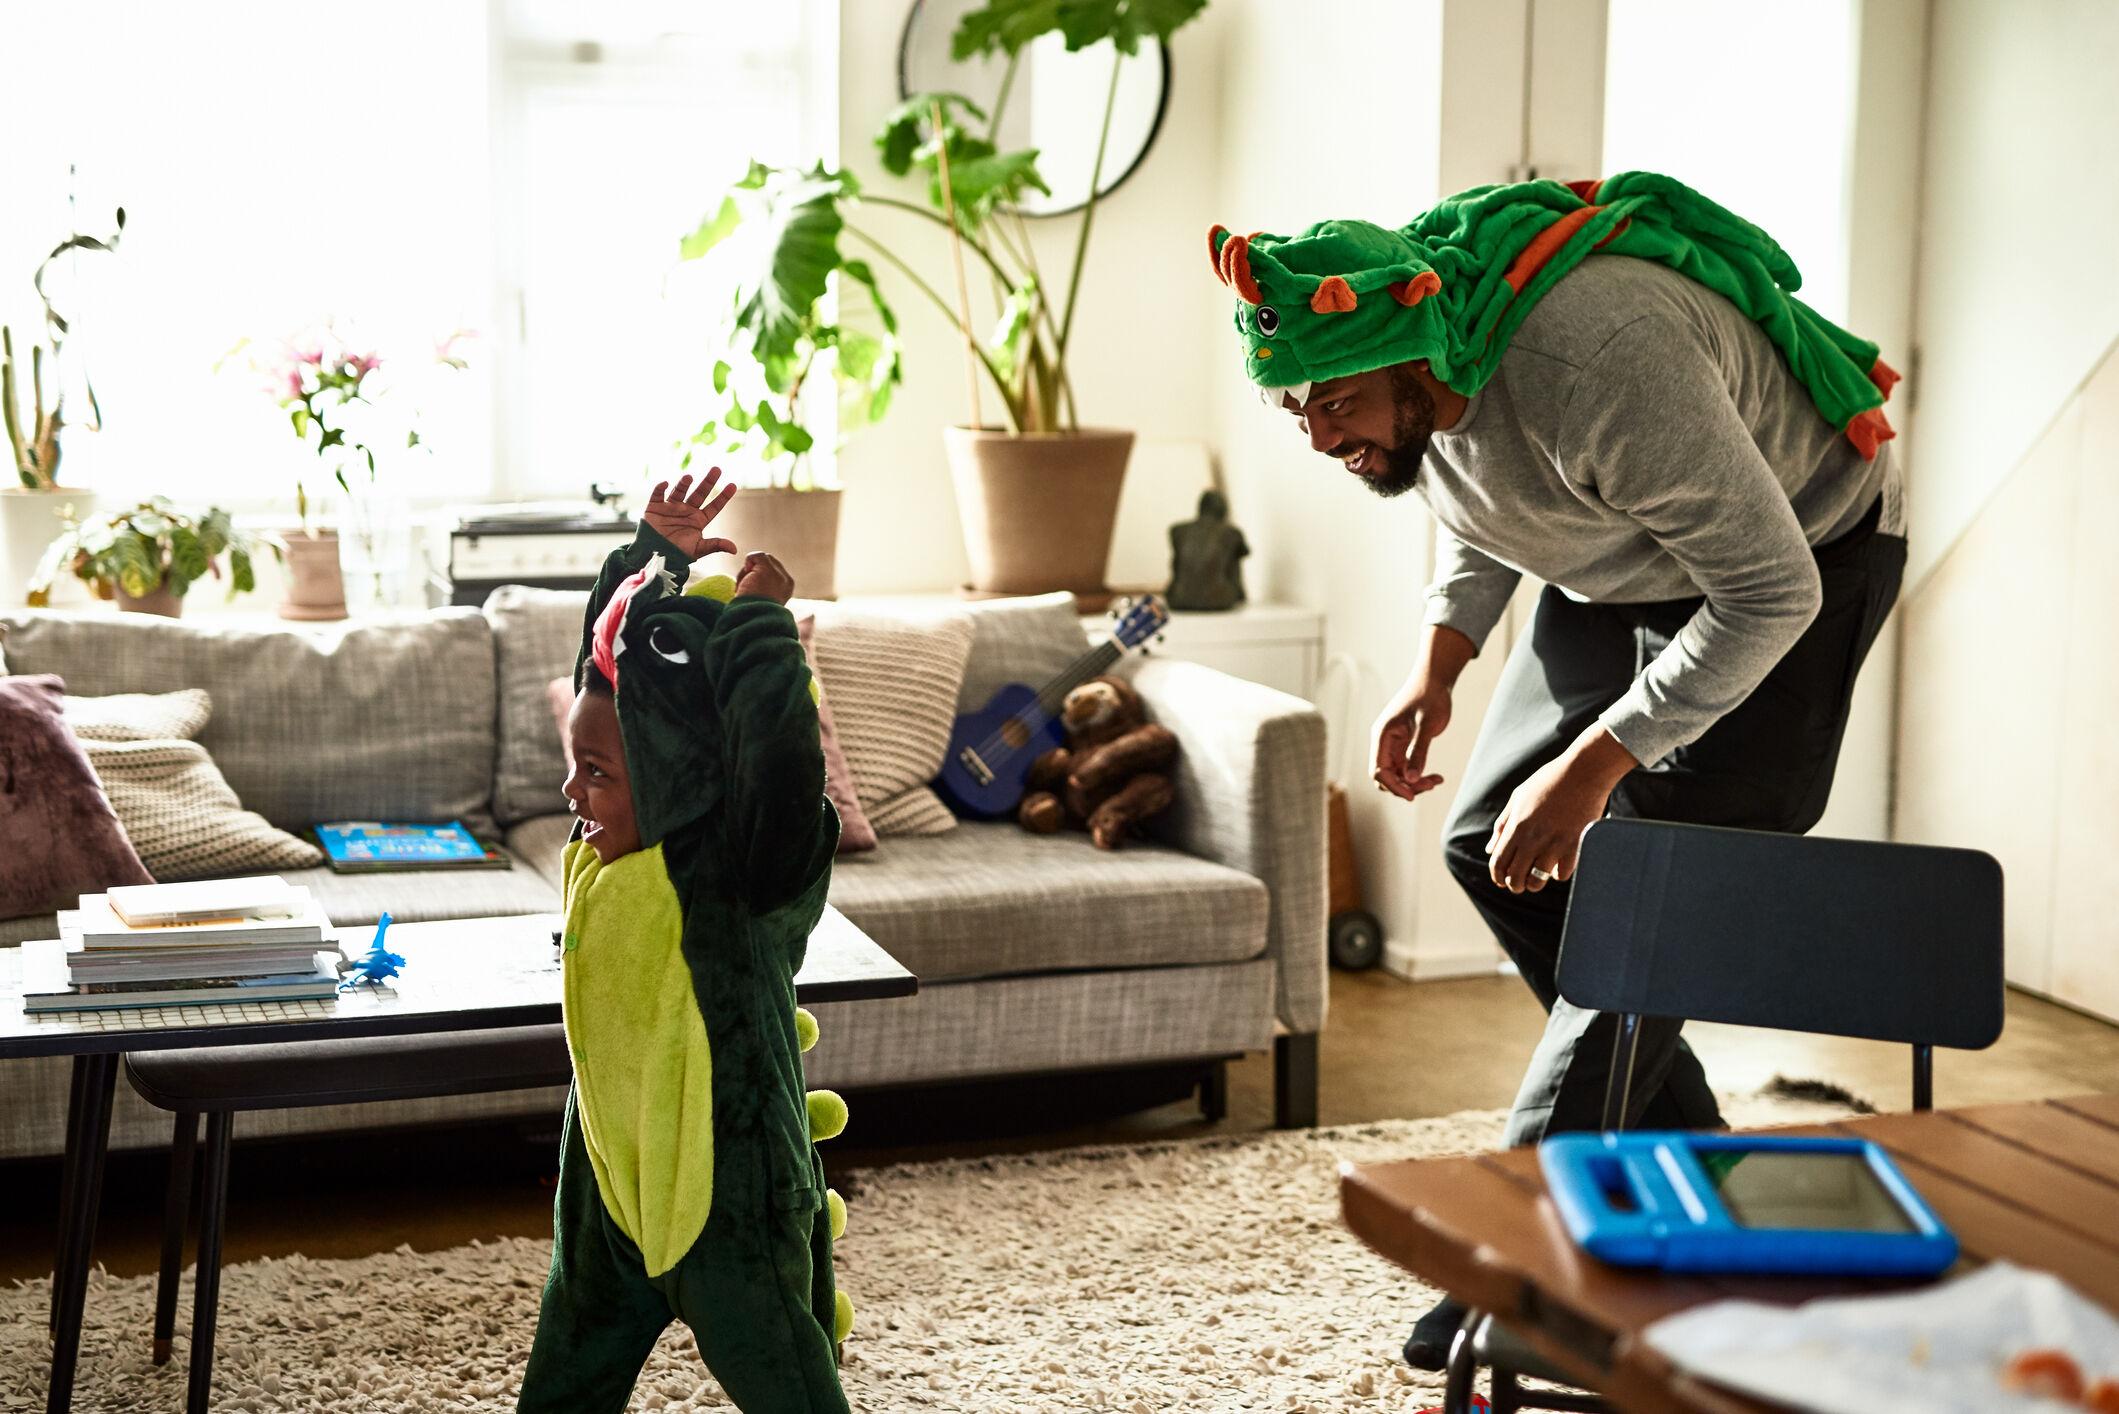 pai-filho-brincando-dinossauro